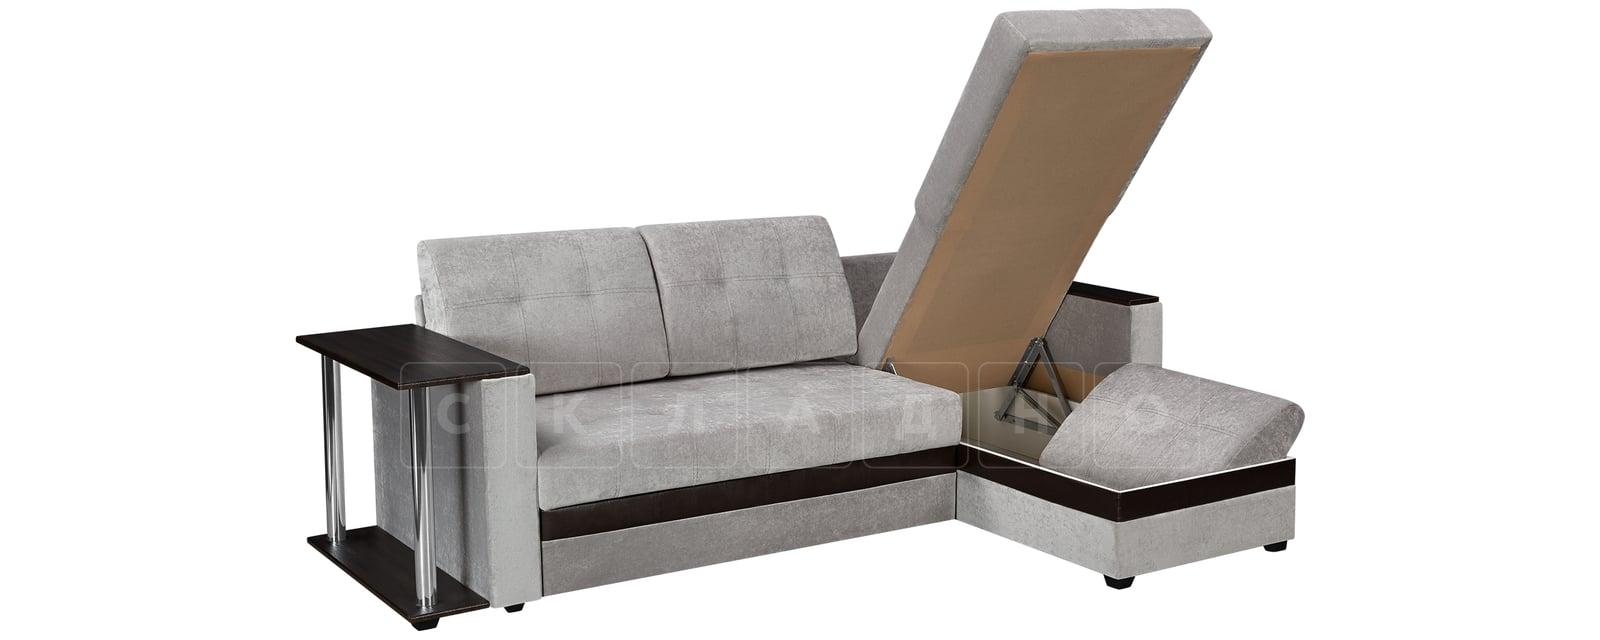 Угловой диван Атланта велюр светло-серый фото 4 | интернет-магазин Складно